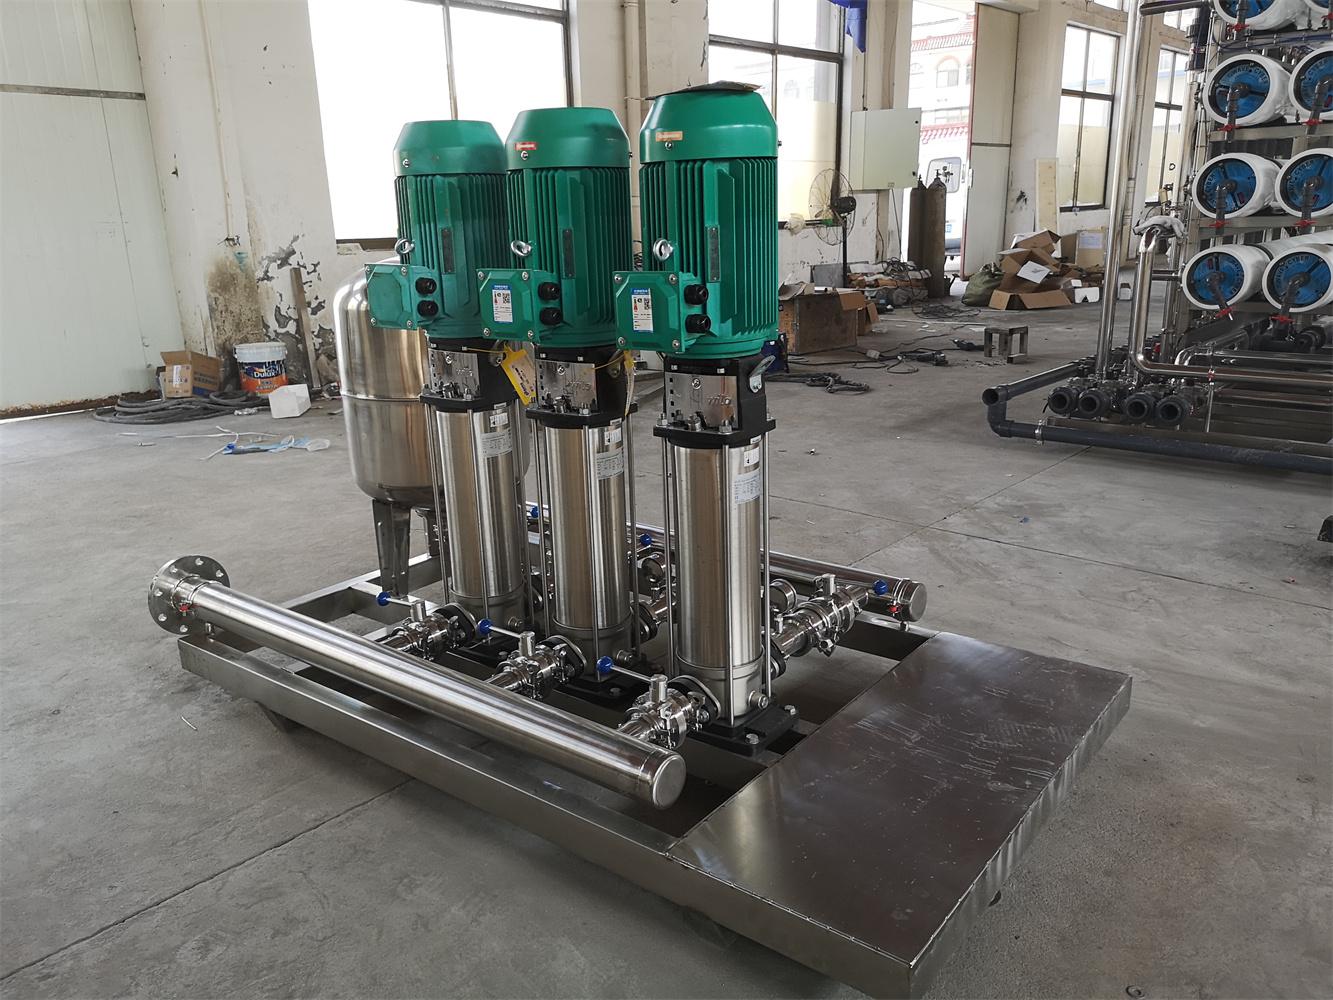 变频恒压供水厂家, 变频恒压供水哪家好,全自动变频供水设备哪家好,变频供水设备多少钱一台